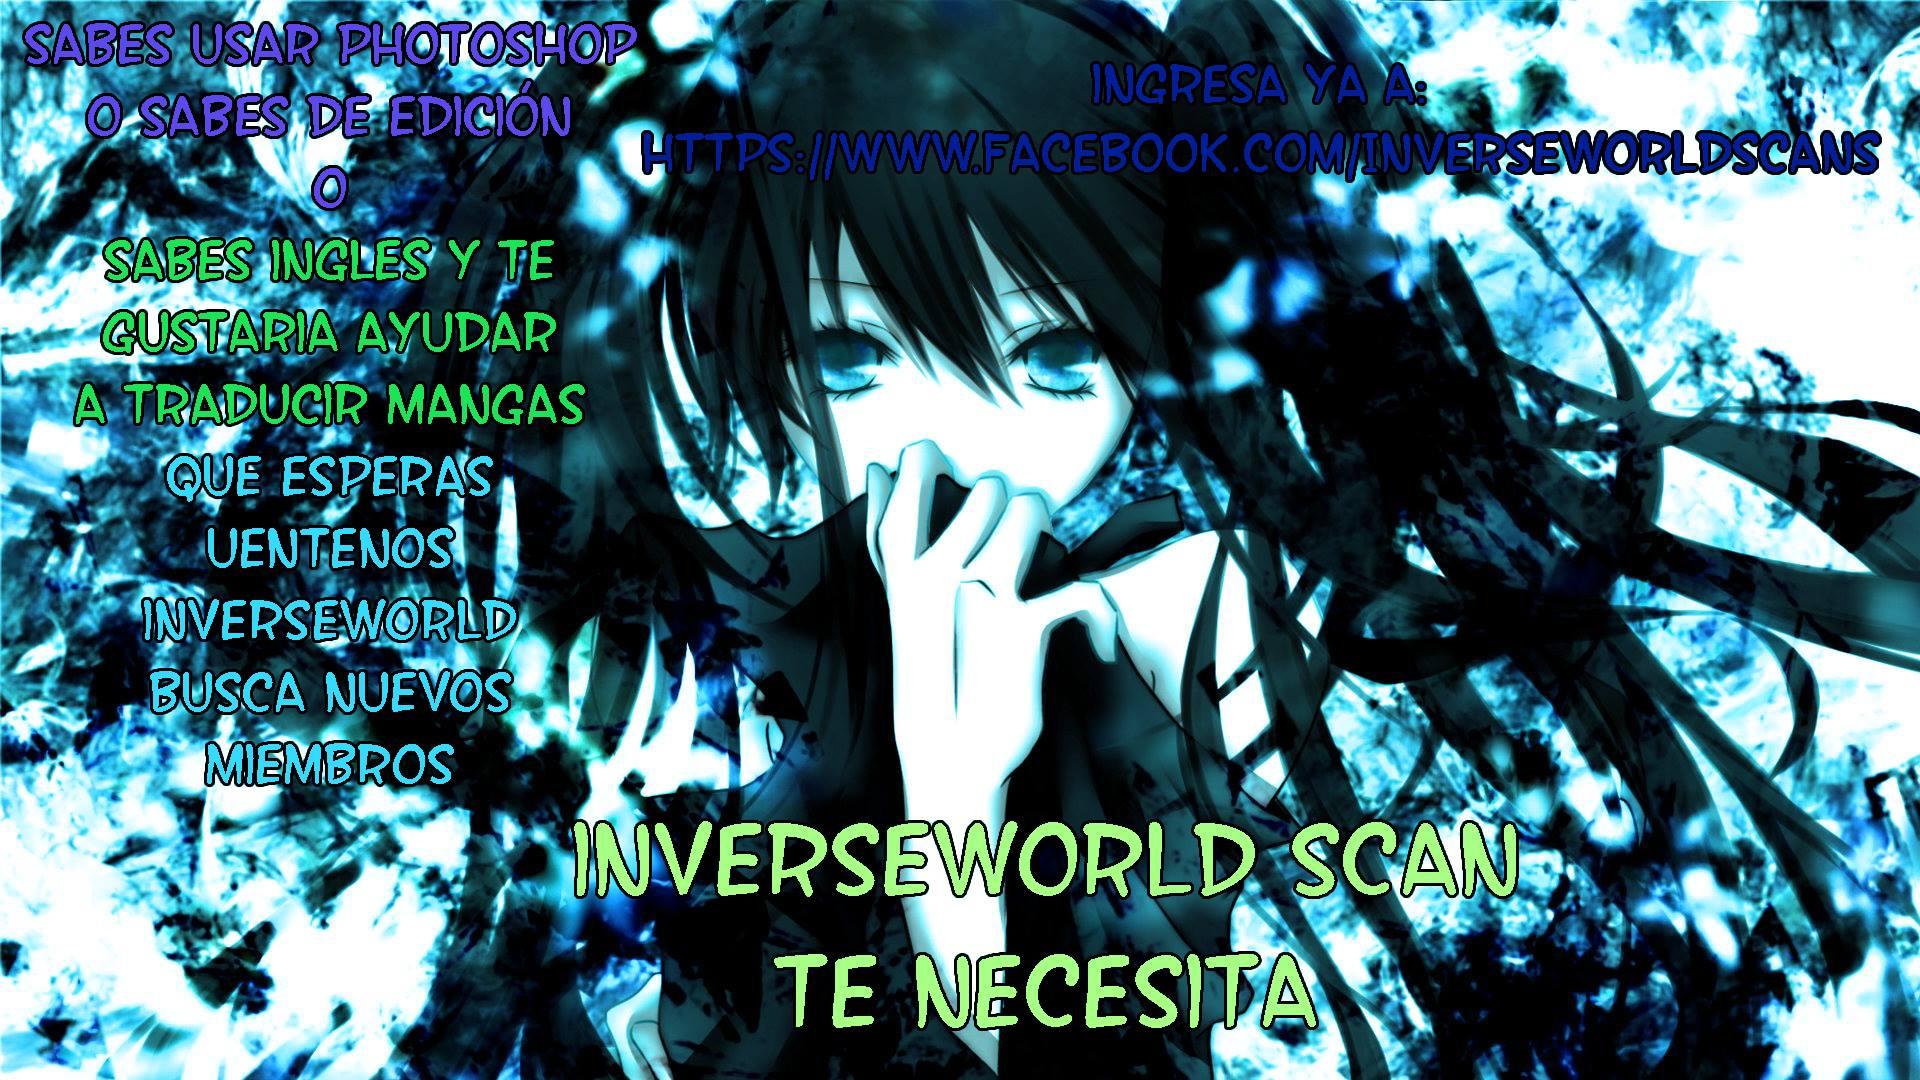 http://c5.ninemanga.com/es_manga/18/16210/415295/f66e0c71d3ab32ba83f31499cd8af1ad.jpg Page 2